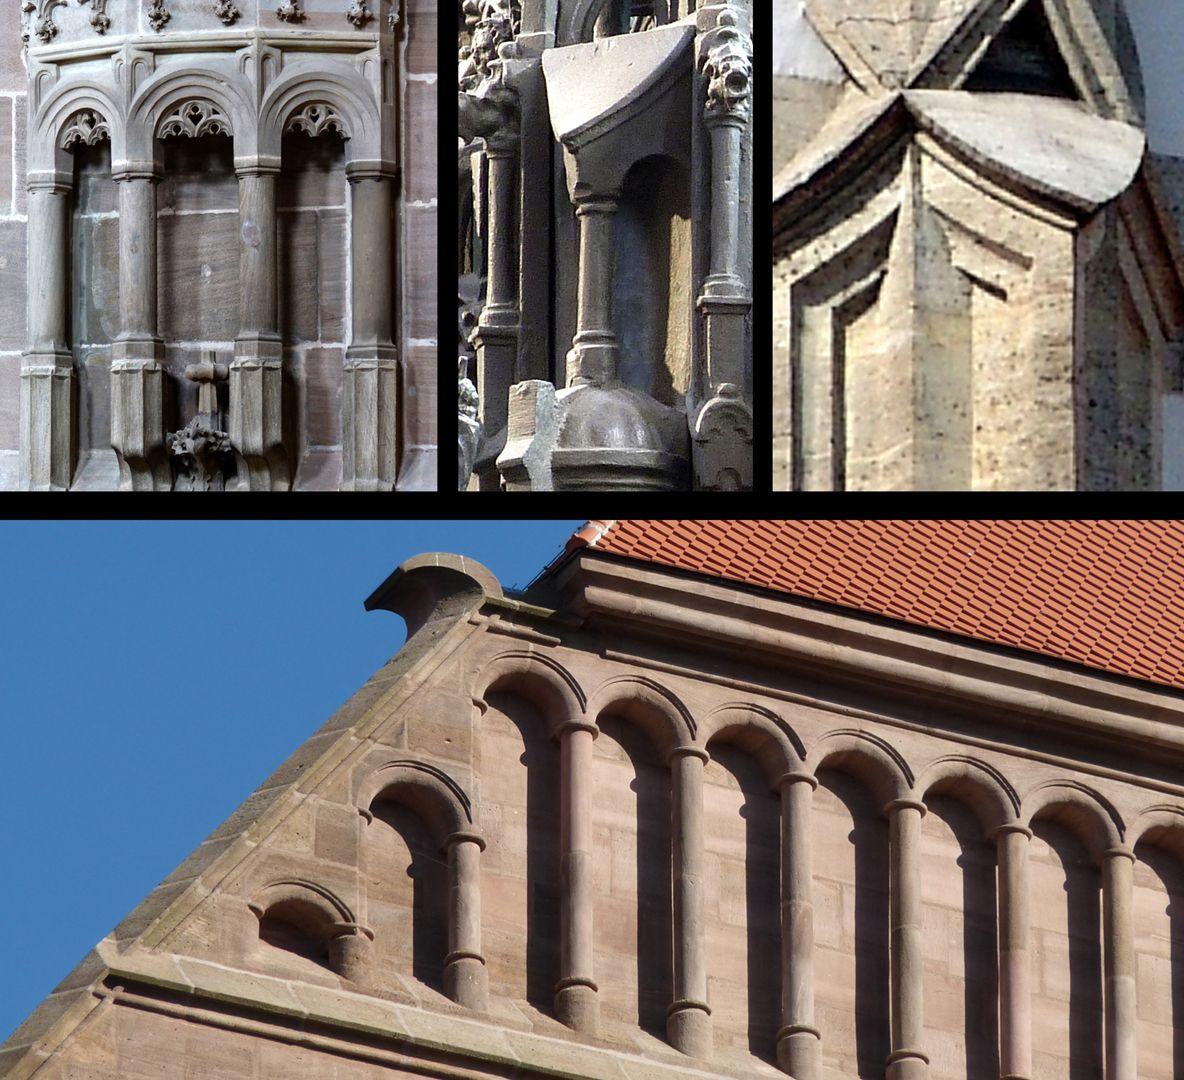 St. Sebaldus Tomb Rundsäulchen mit kleinen Rundbögen erscheinen gleichzeitig um 1517 am Sebaldusgrab (Foto M.) und an der Lorenzkirche (Foto unten). Der zungenförmige Wasserschlag (Foto M.) ist auch gotisch (Foto r.o.: Sankt Ulrich Augsburg um 1500).